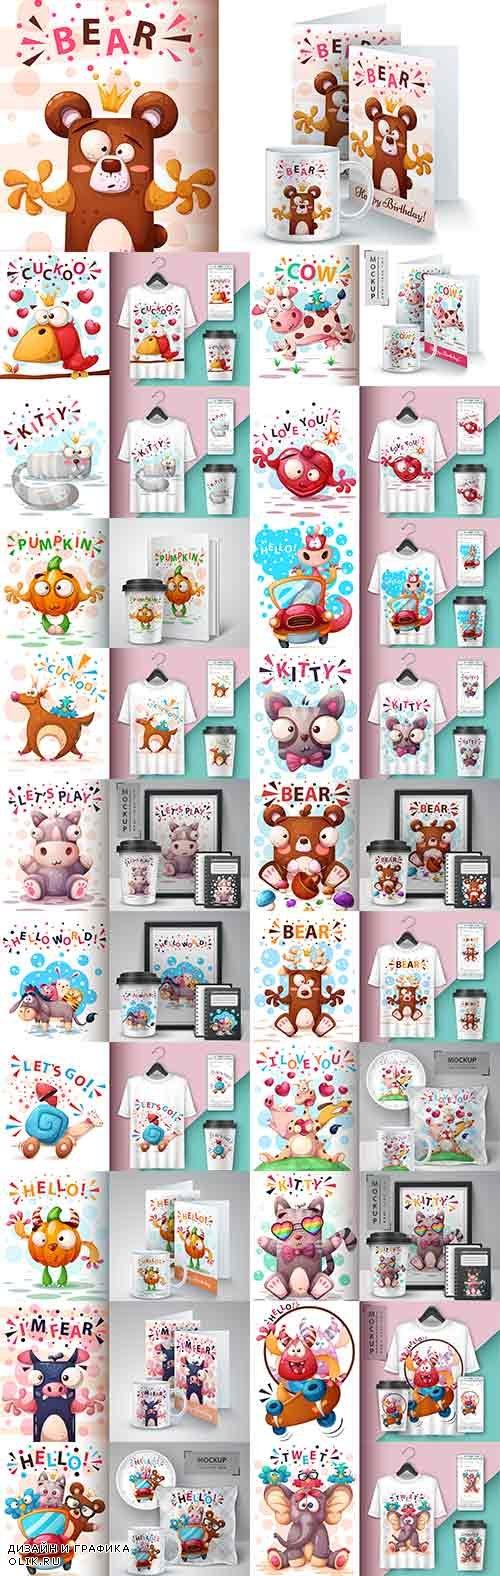 Фоны с забавными животными в векторе / Backgrounds with funny animals in vector